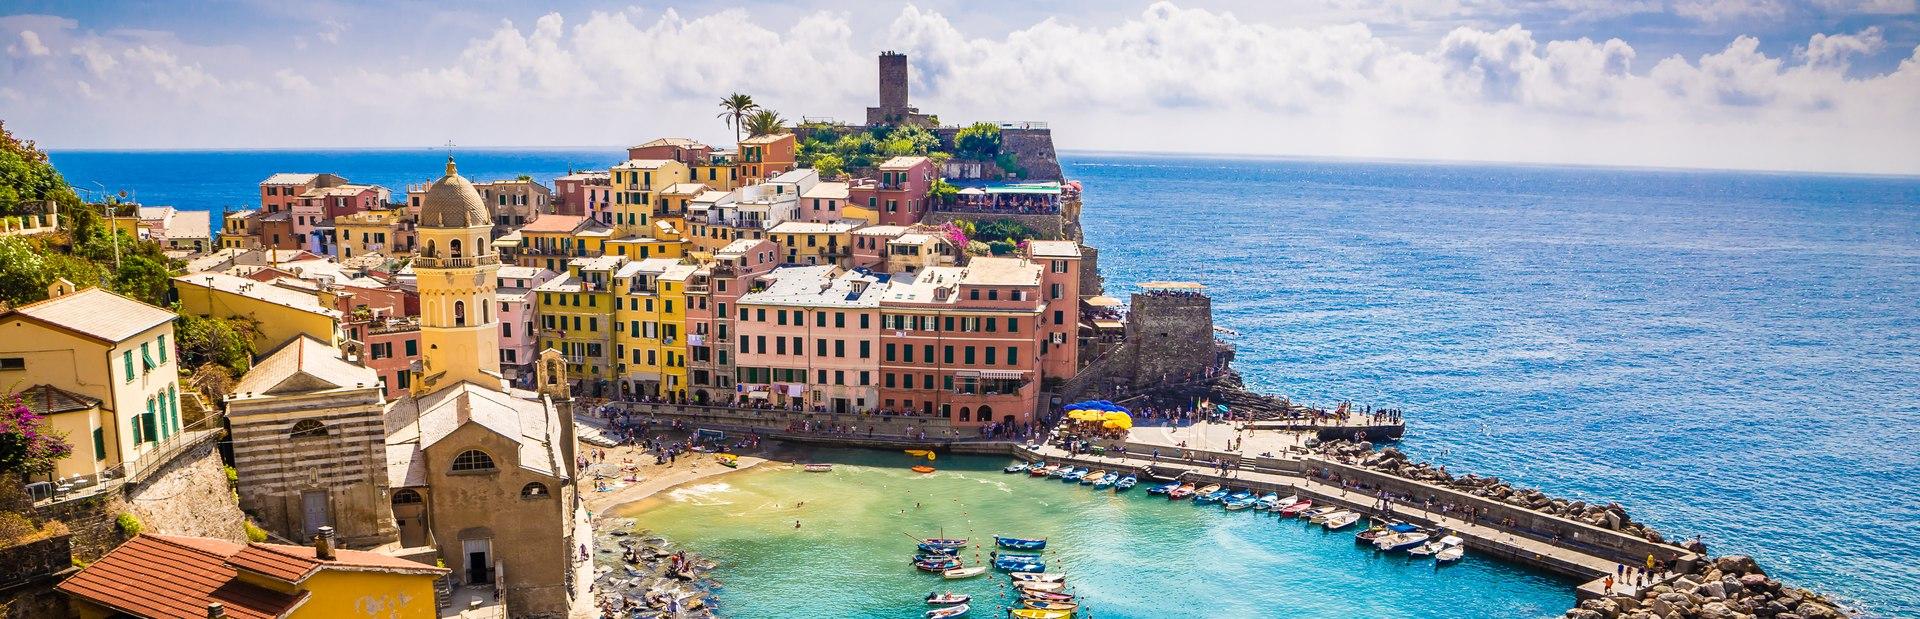 Italian Riviera guide